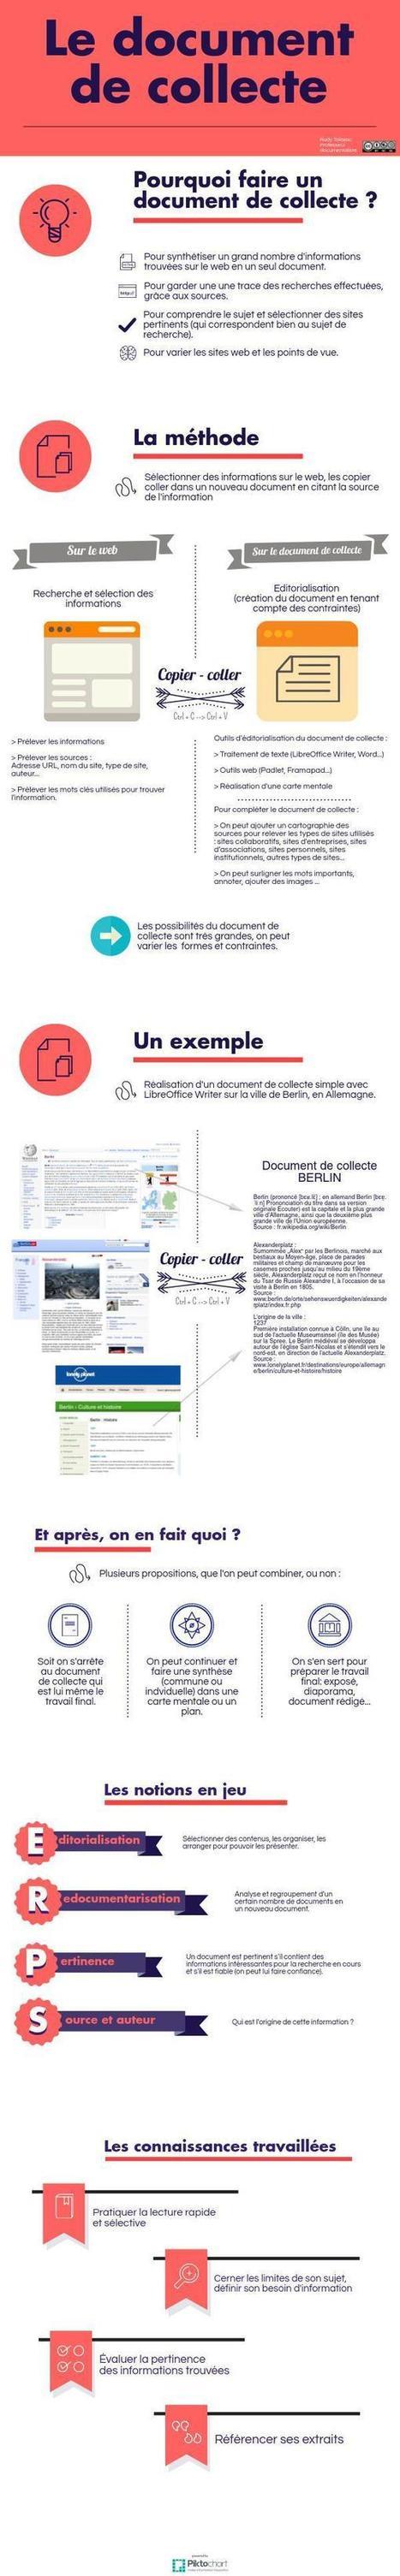 Document de collecte par Rudy Talazac | Le document de collecte | Scoop.it